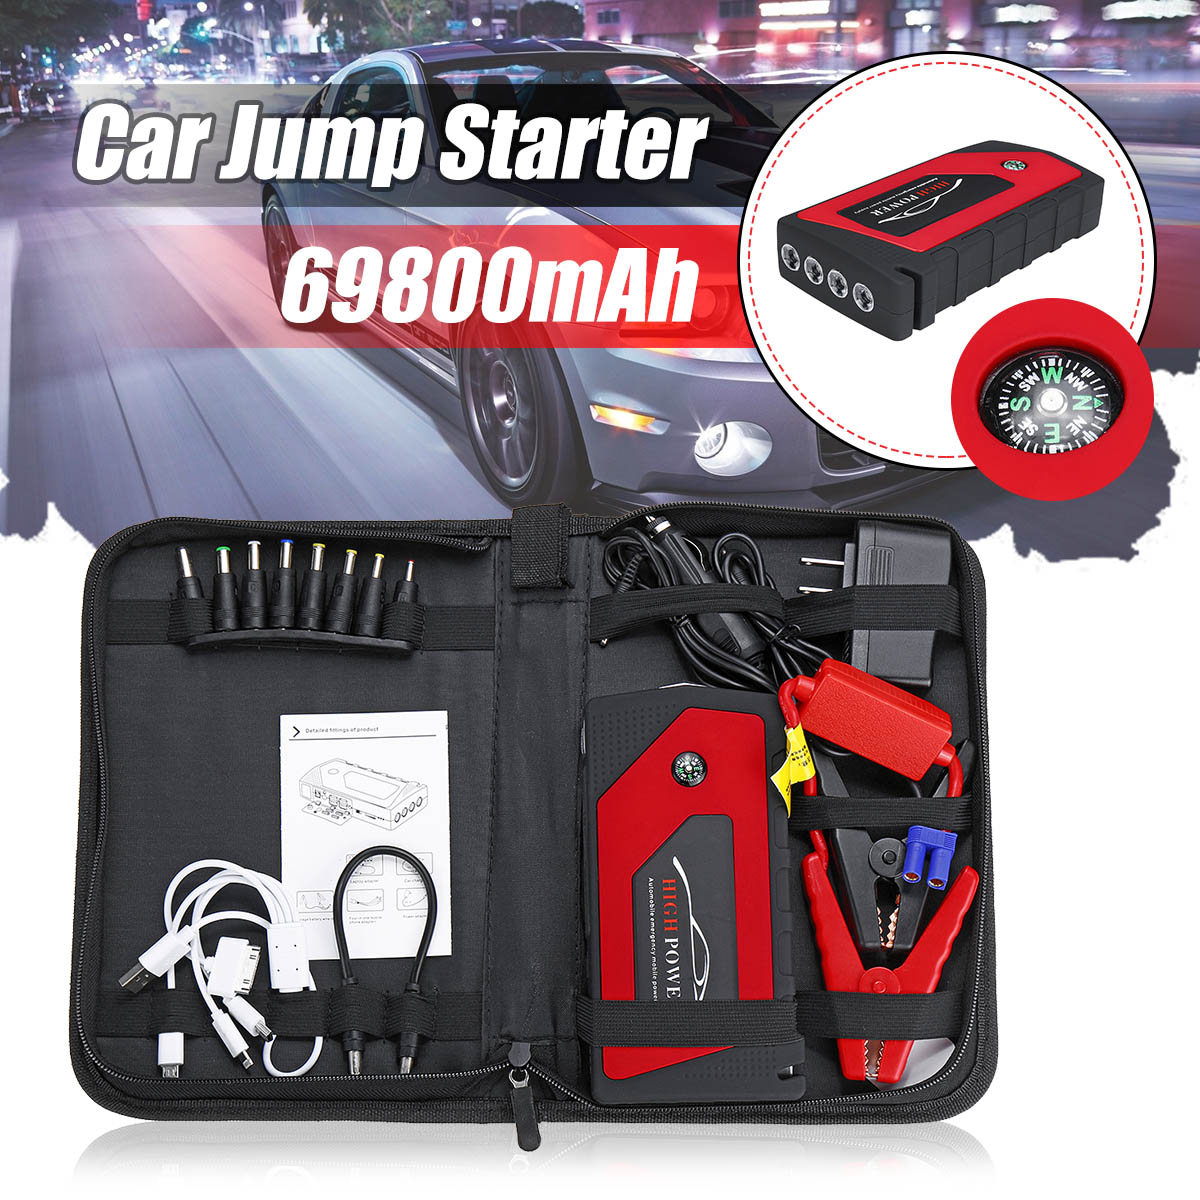 Autoleade 69800 mAh 12 V Démarreur Voiture De Saut Démarrage D'urgence Dispositif 4USB lumière led Mobile batterie externe chargeur de voiture amplificateur de batterie